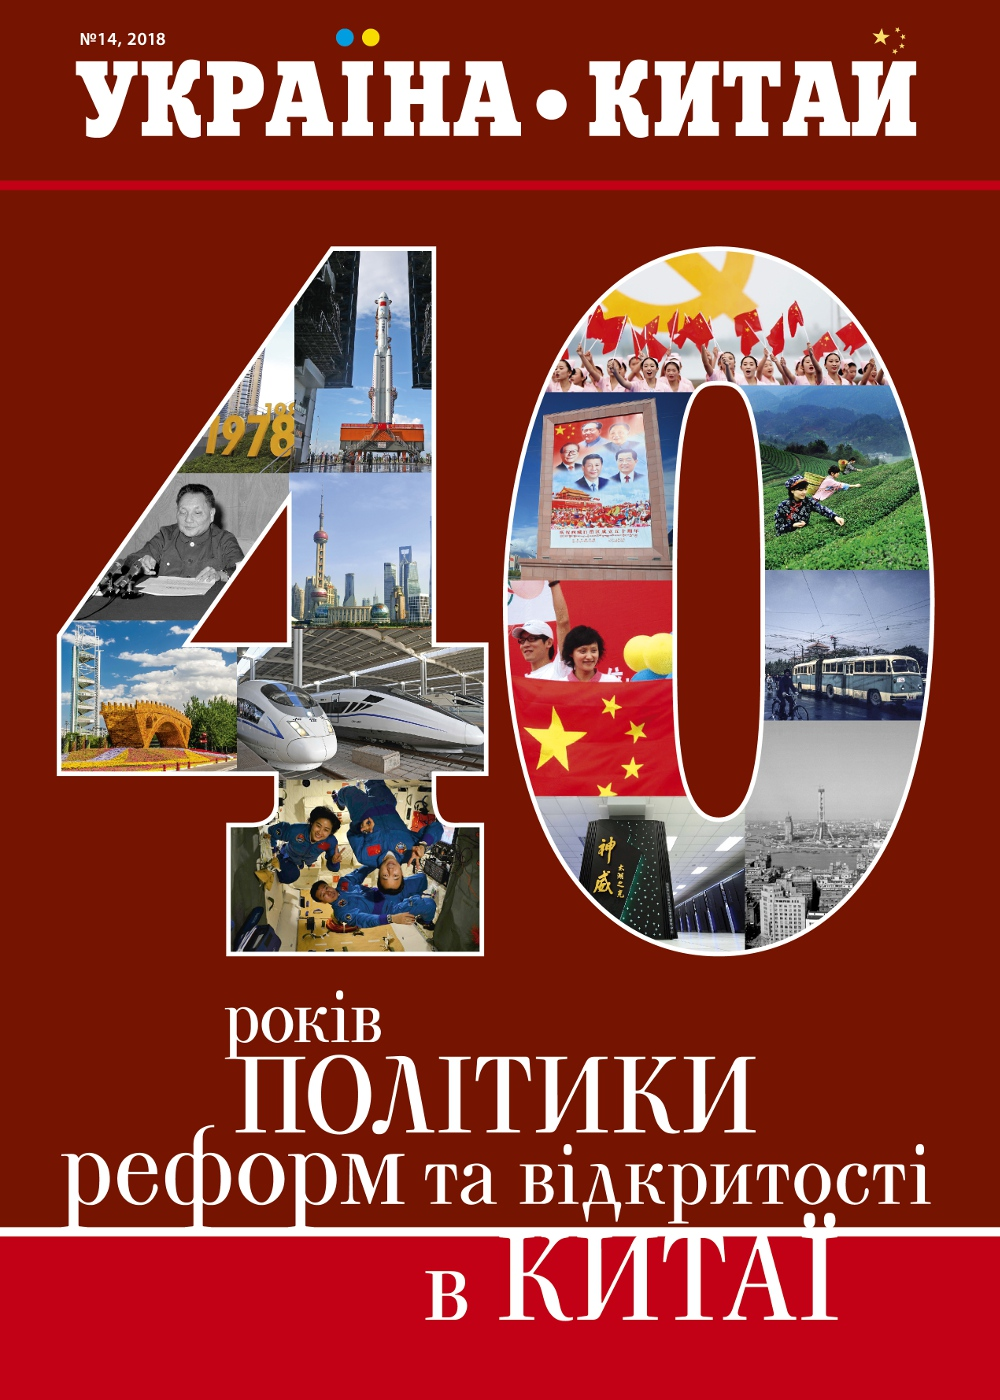 Україна–Китай N14 2018